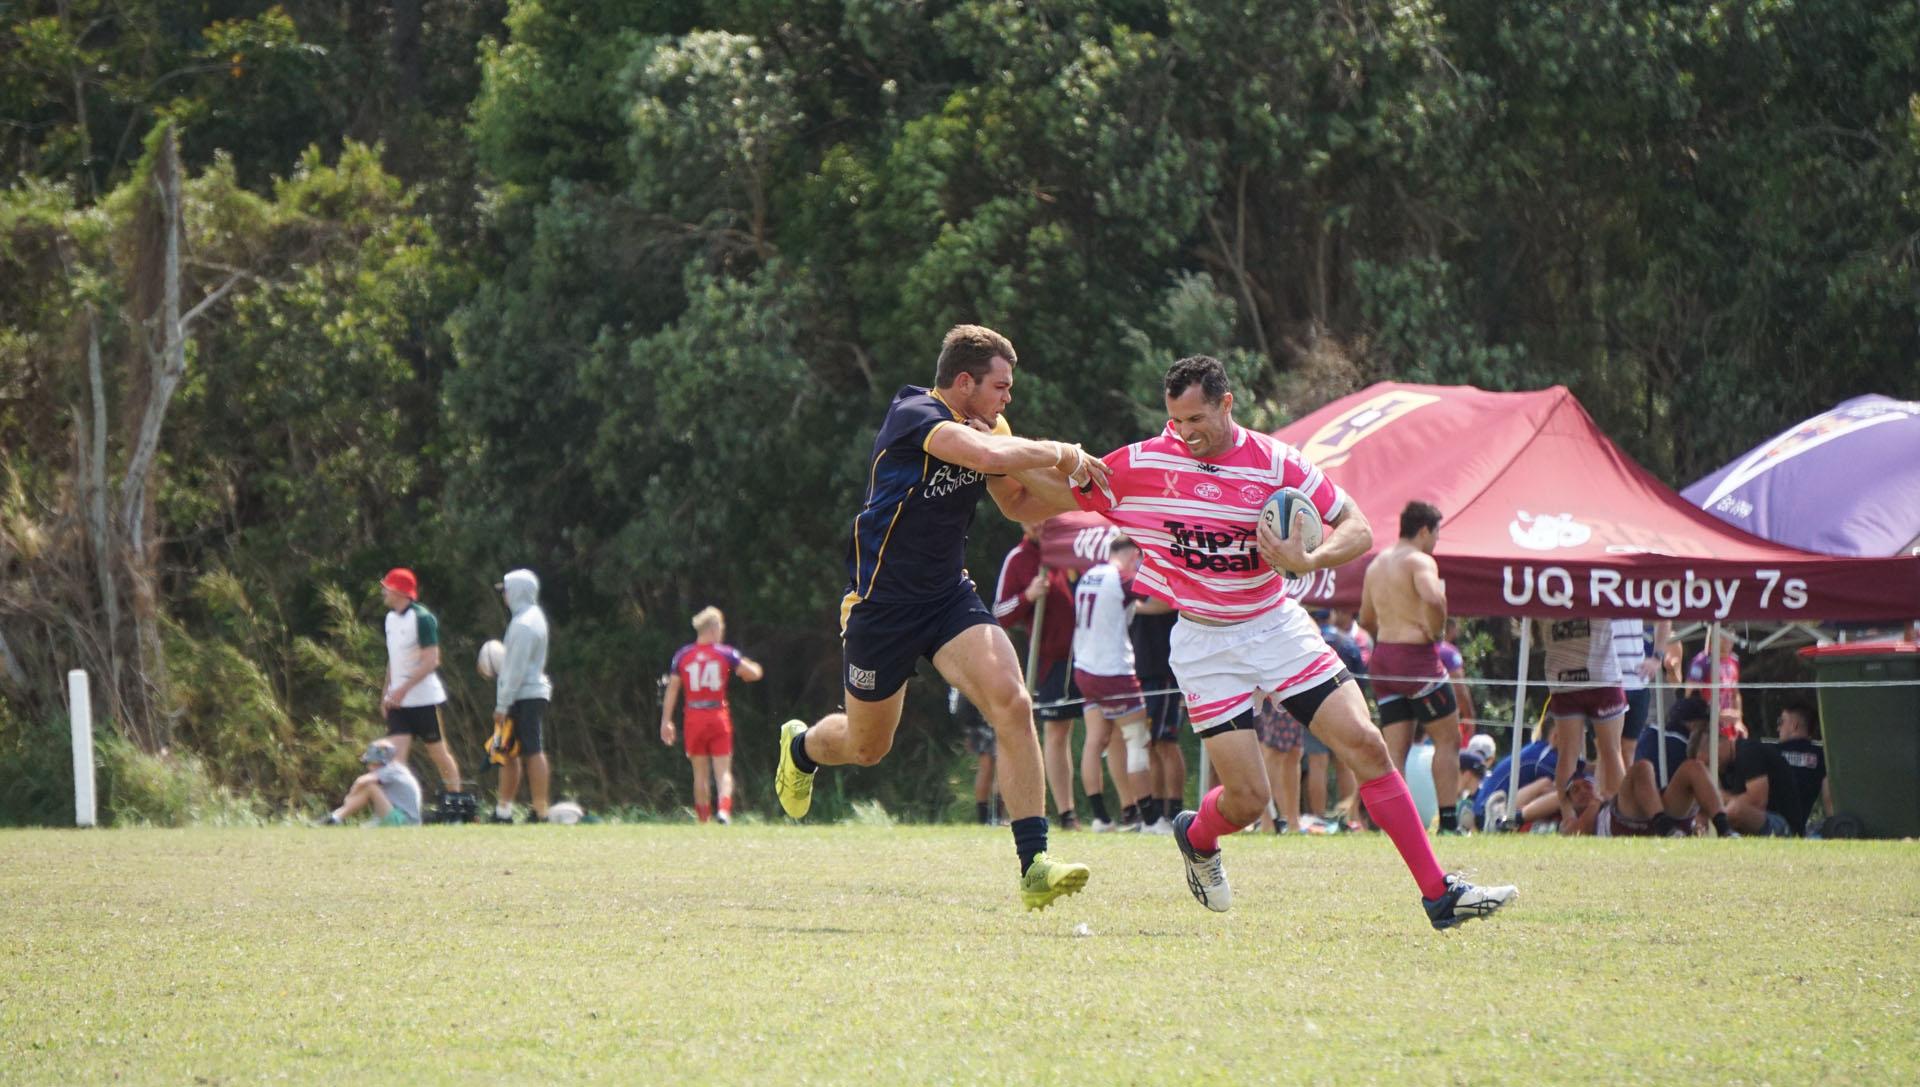 191019-20_Byron Bay Rugby 7s 2019_138